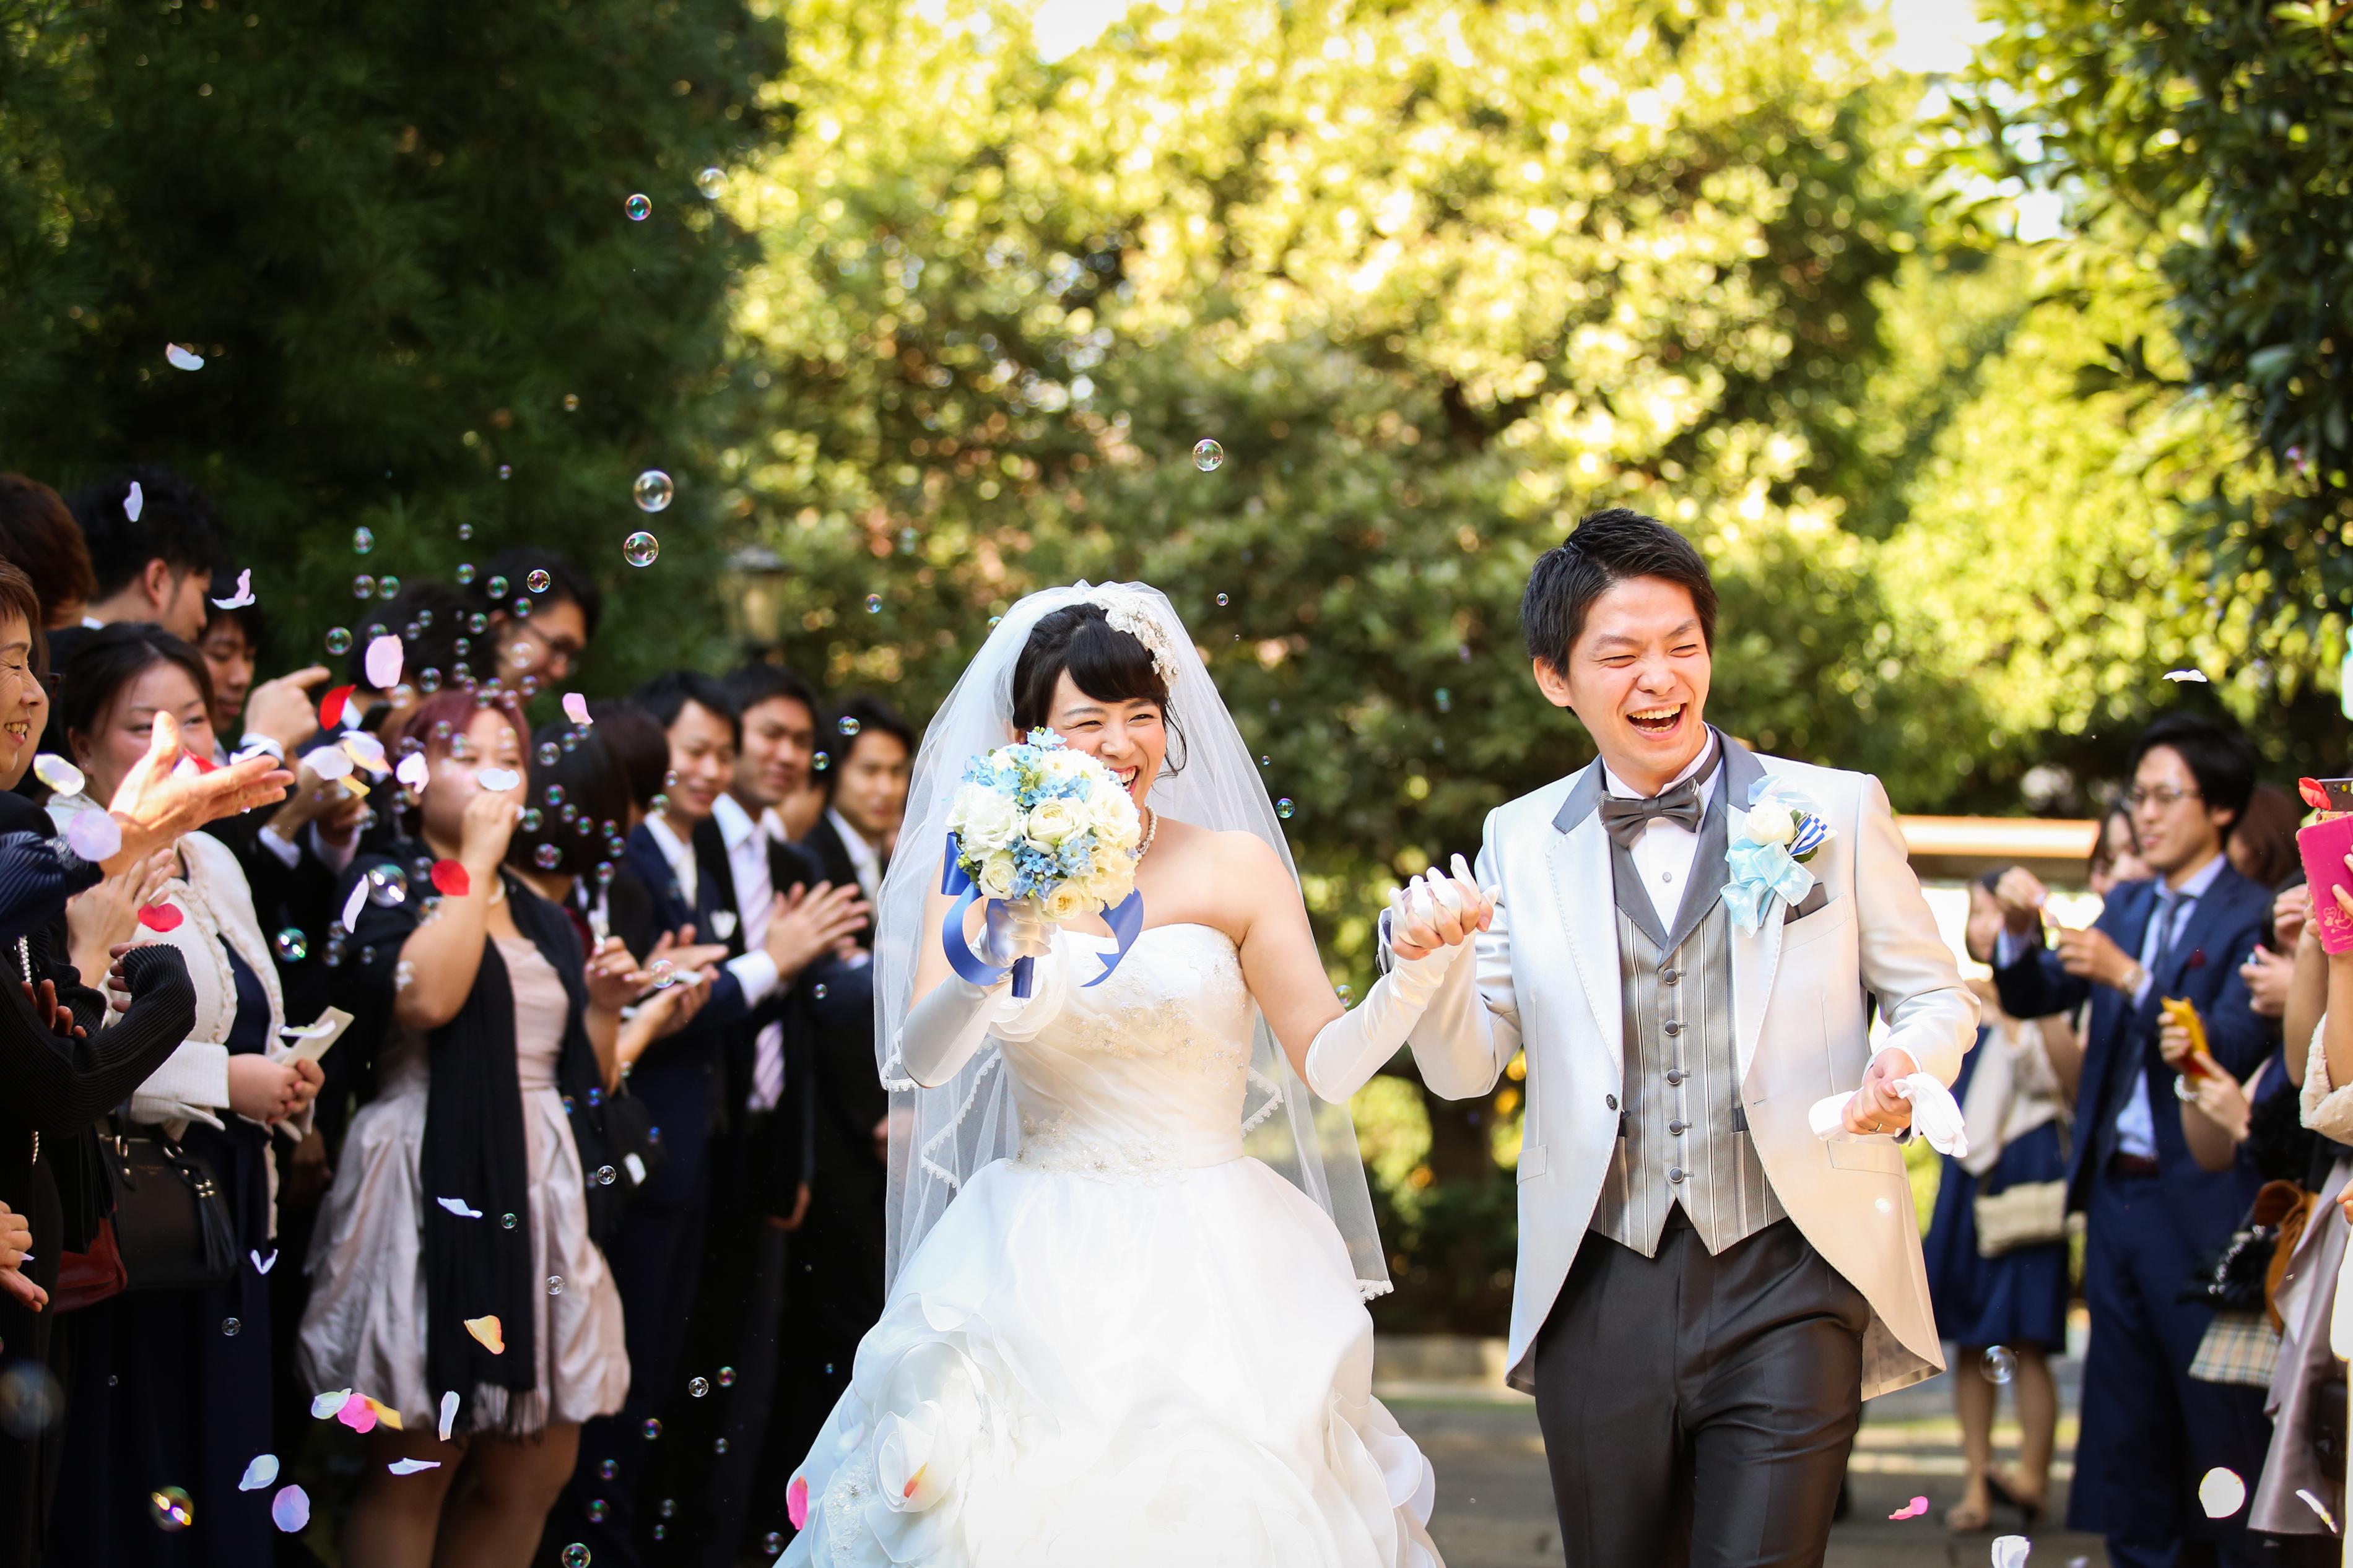 お二人の出身の地、埼玉で。ナチュラルなお二人にぴったりのグリーンに囲まれた「eglise de 葉山庵」